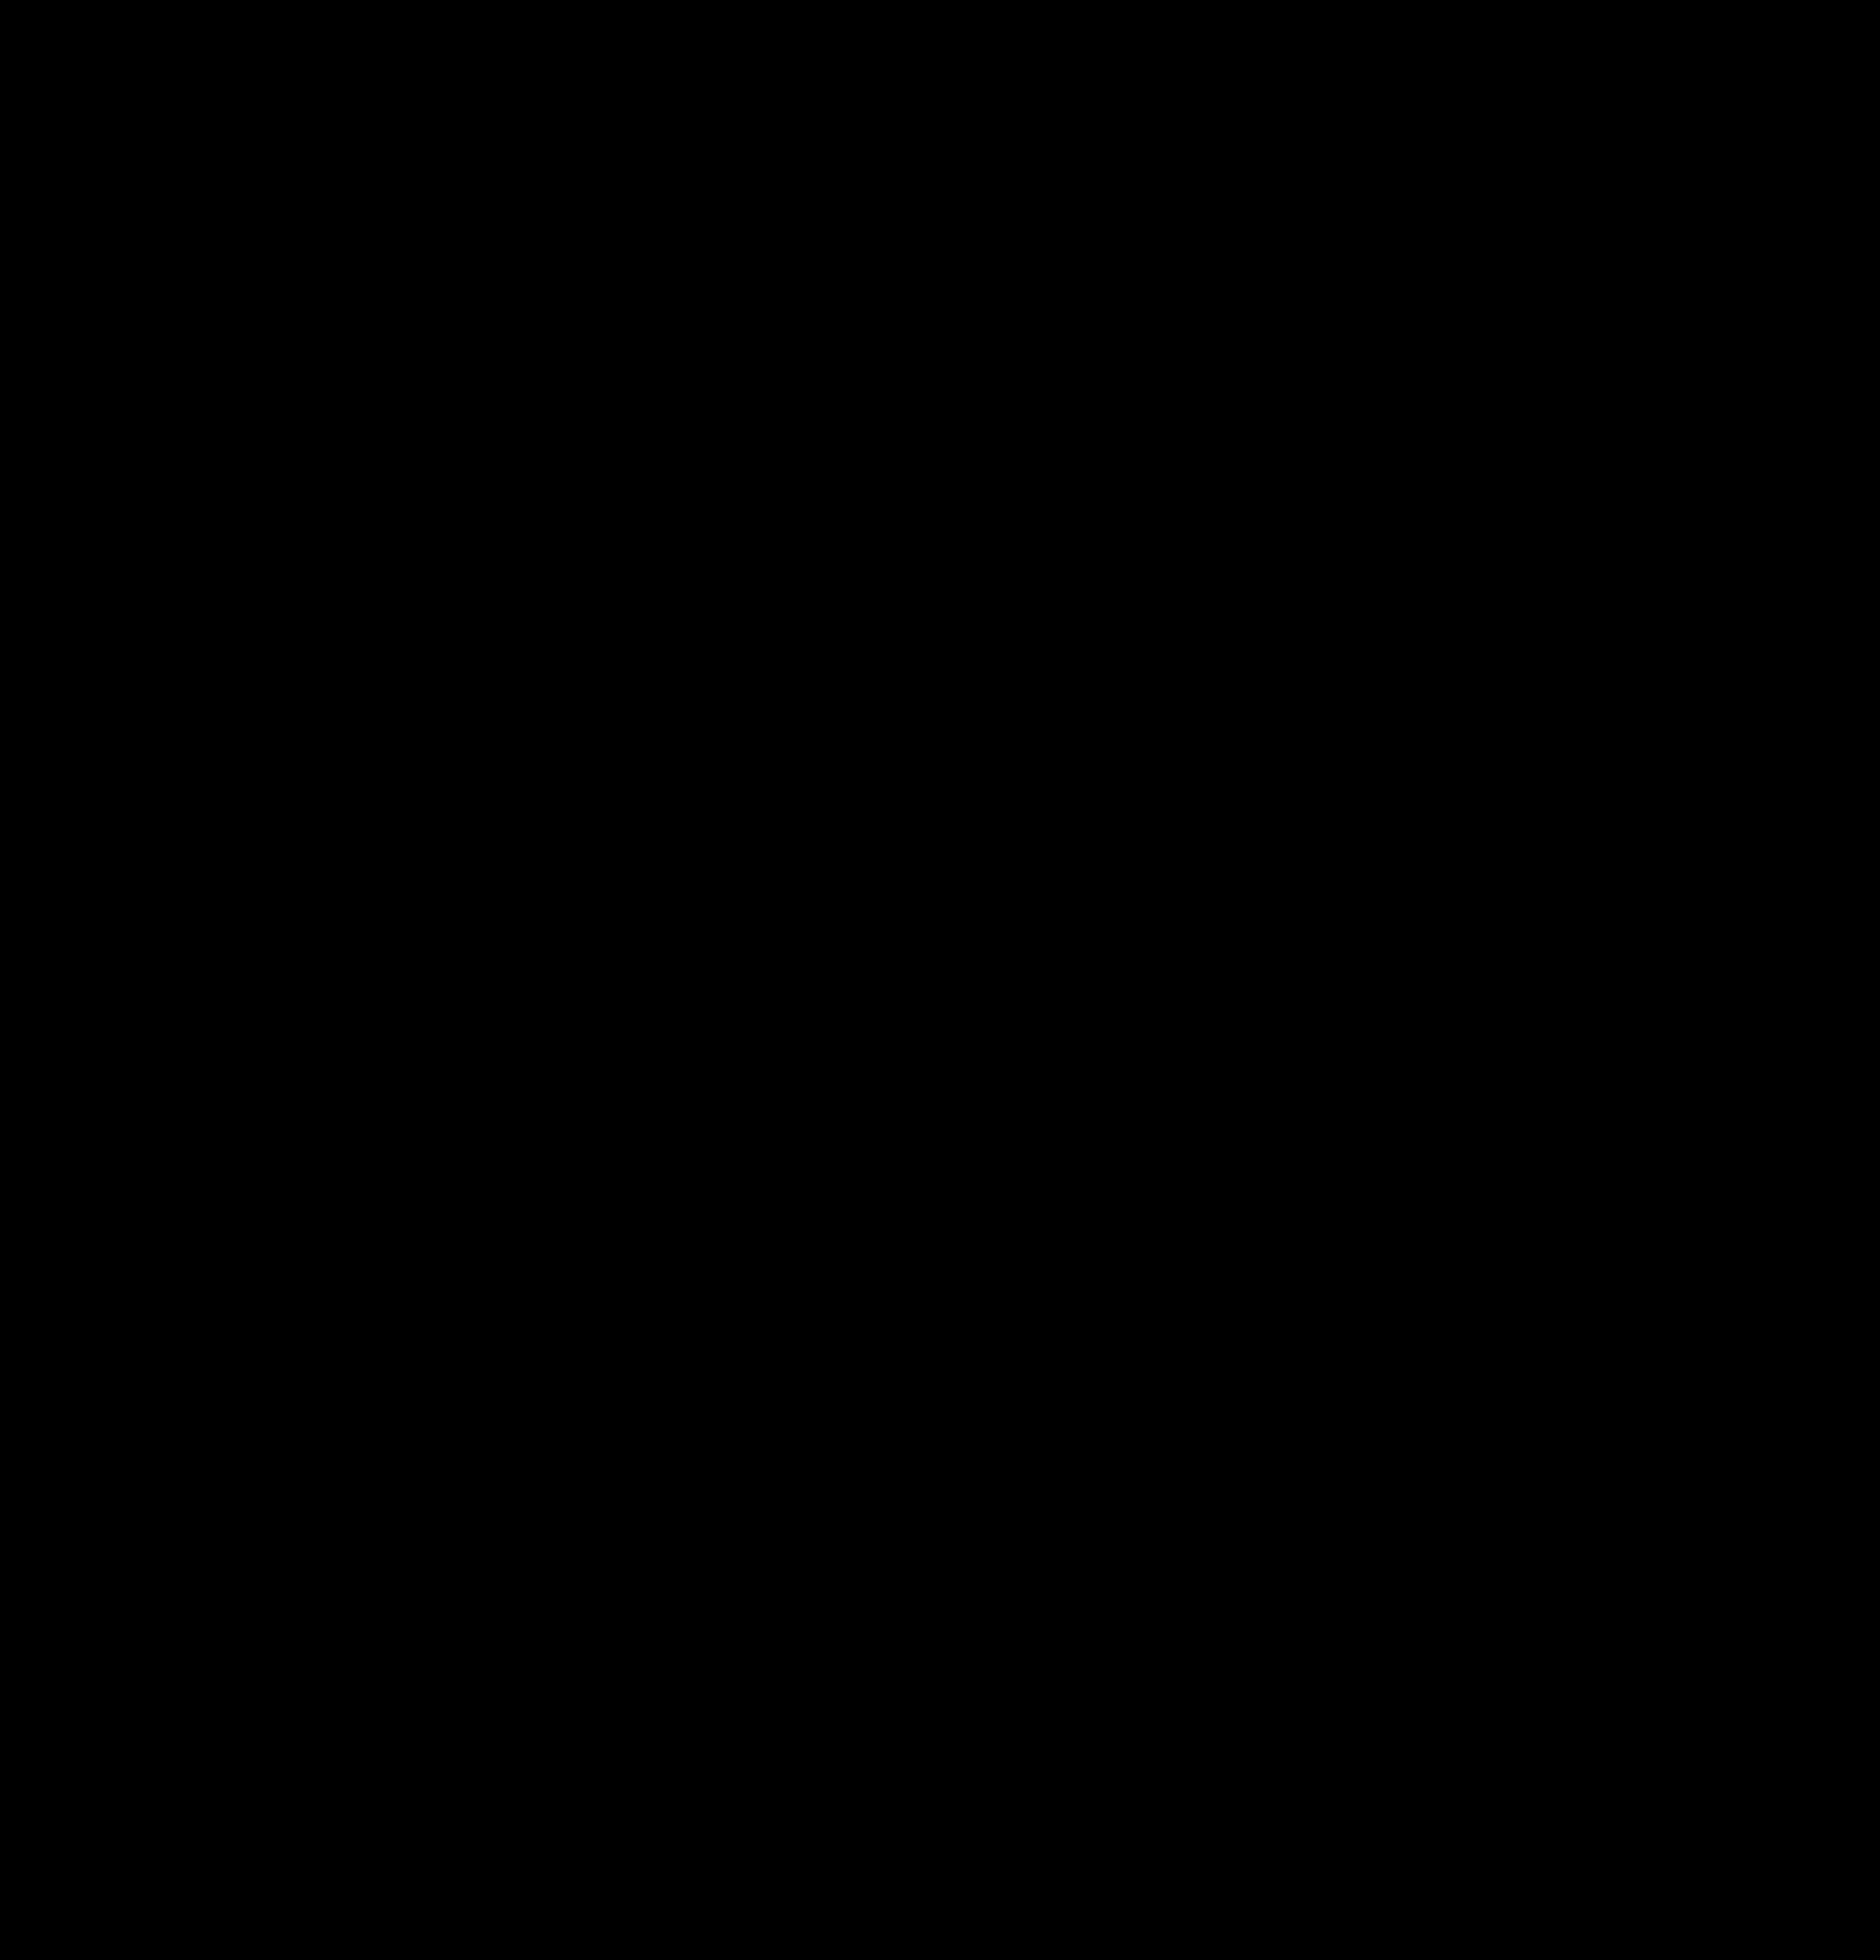 2000x2089 Filethree Jewels Symbol Bampw.svg